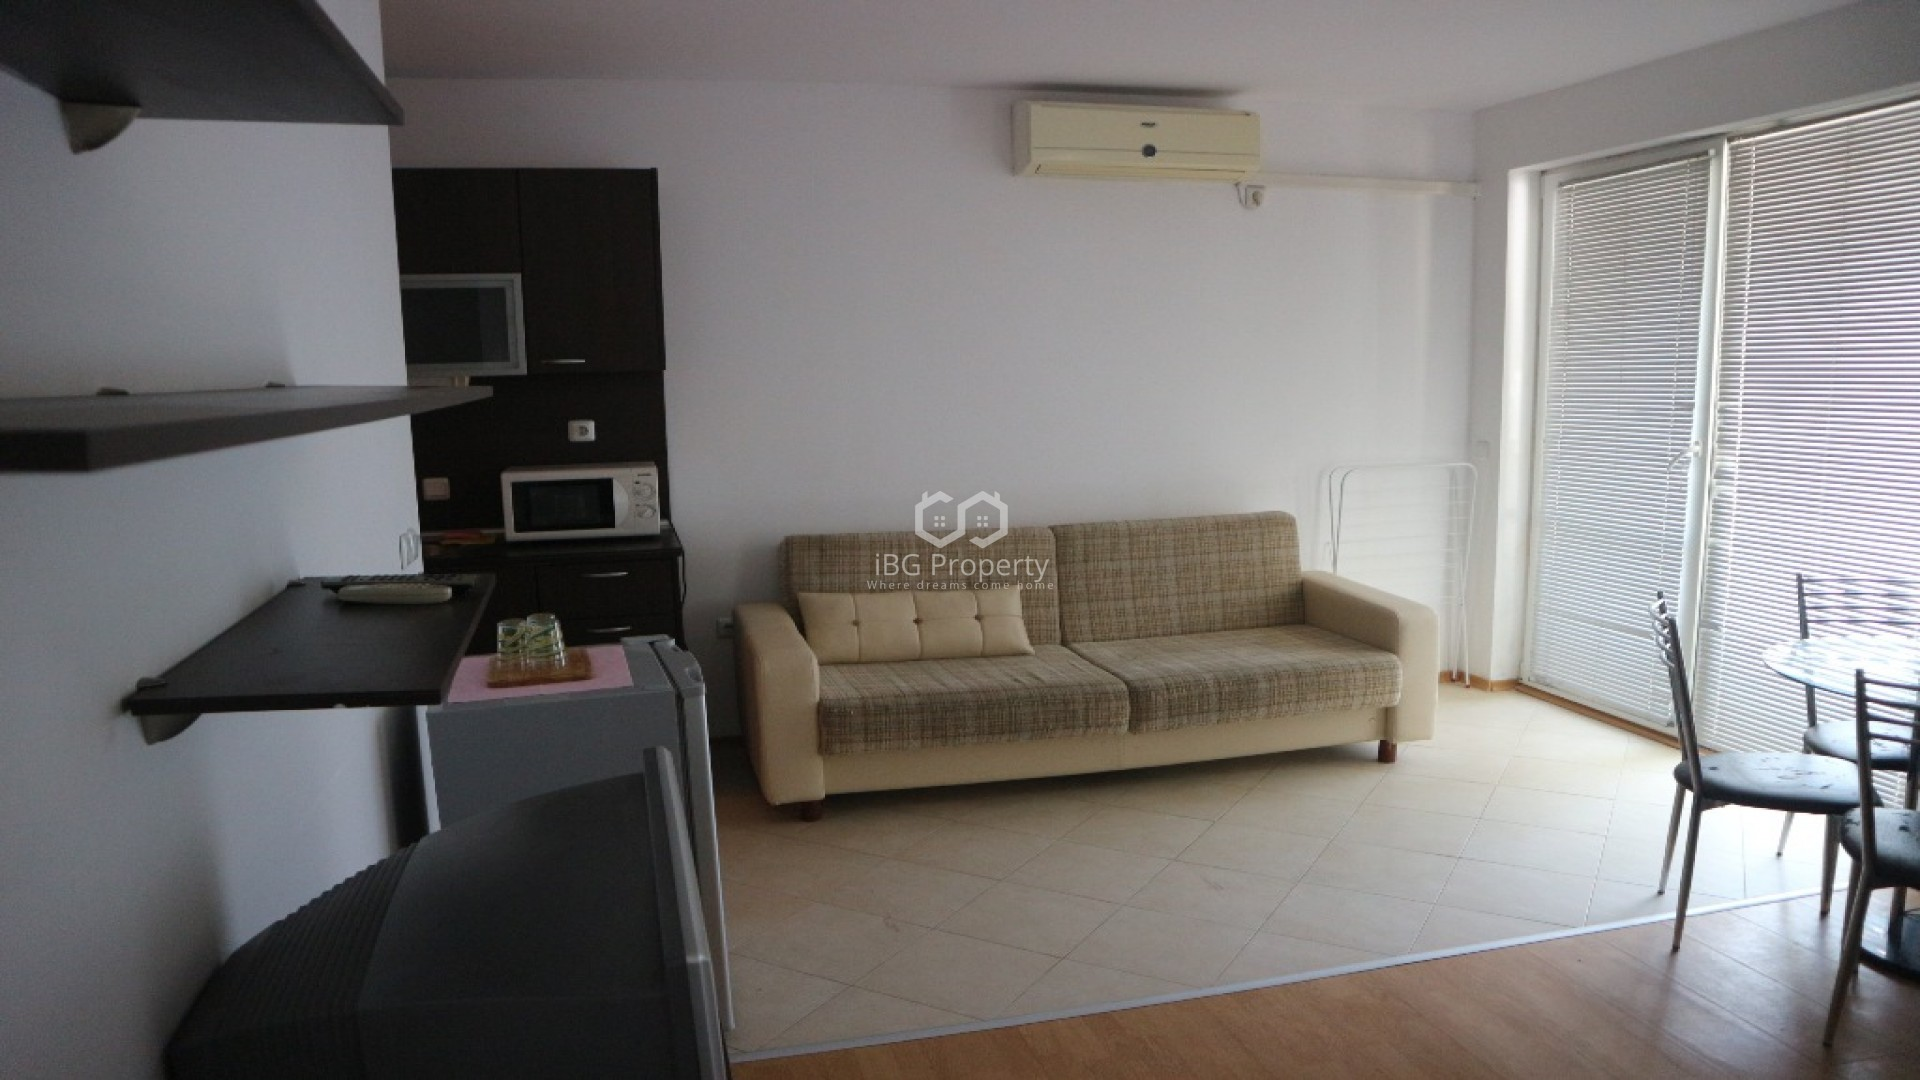 Einzimmerwohnung in Sonnenstrand 45 m2